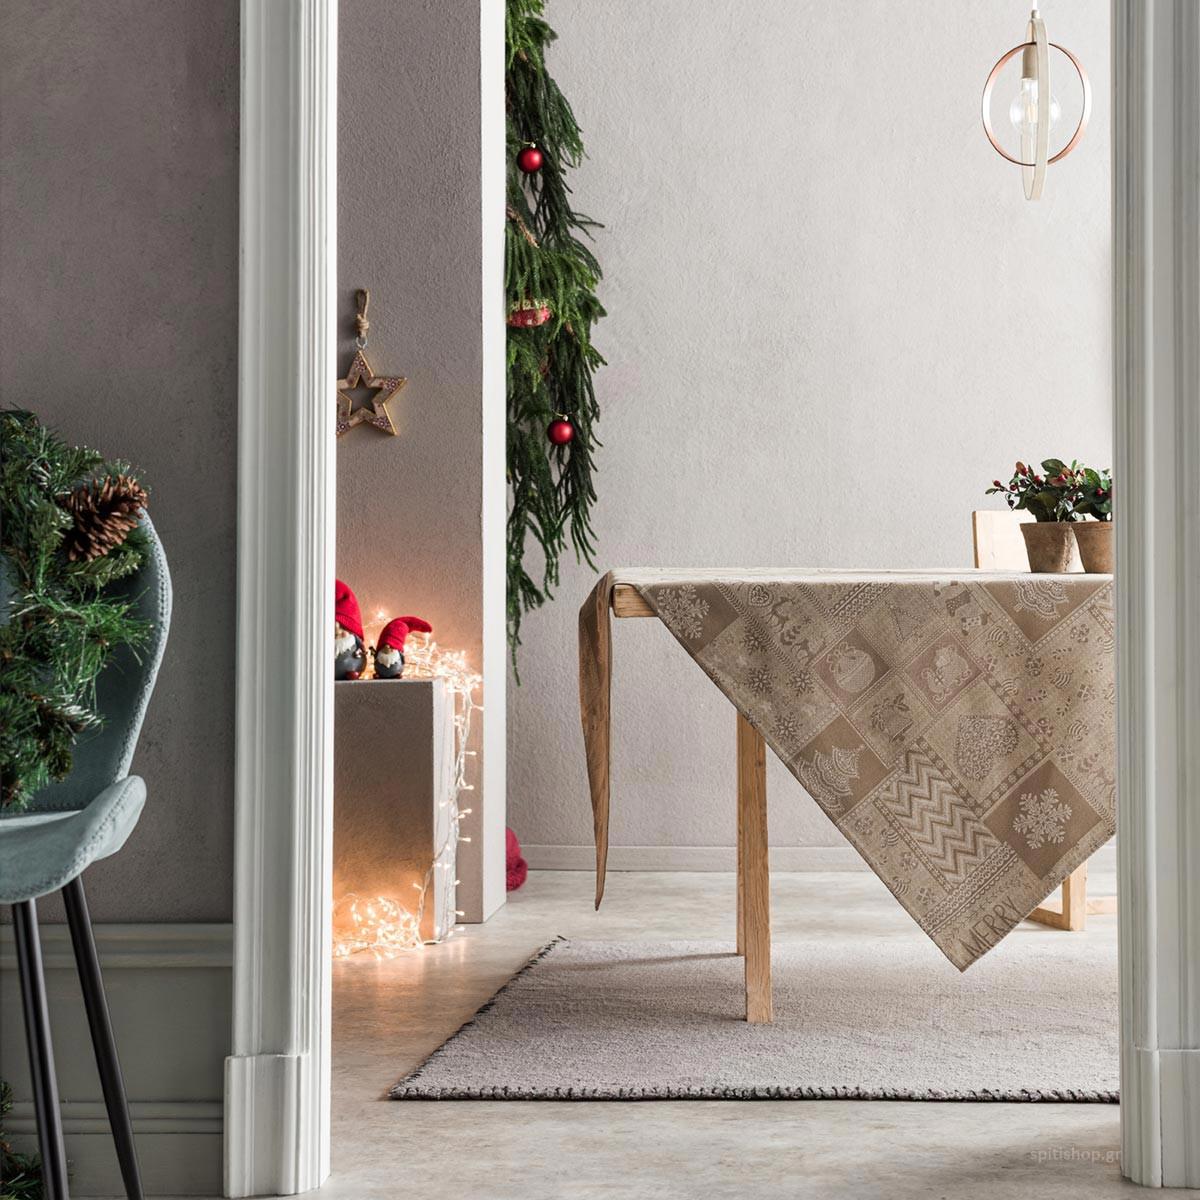 Χριστουγεννιάτικο Τραπεζομάντηλο (135×260) Gofis Home 594/04